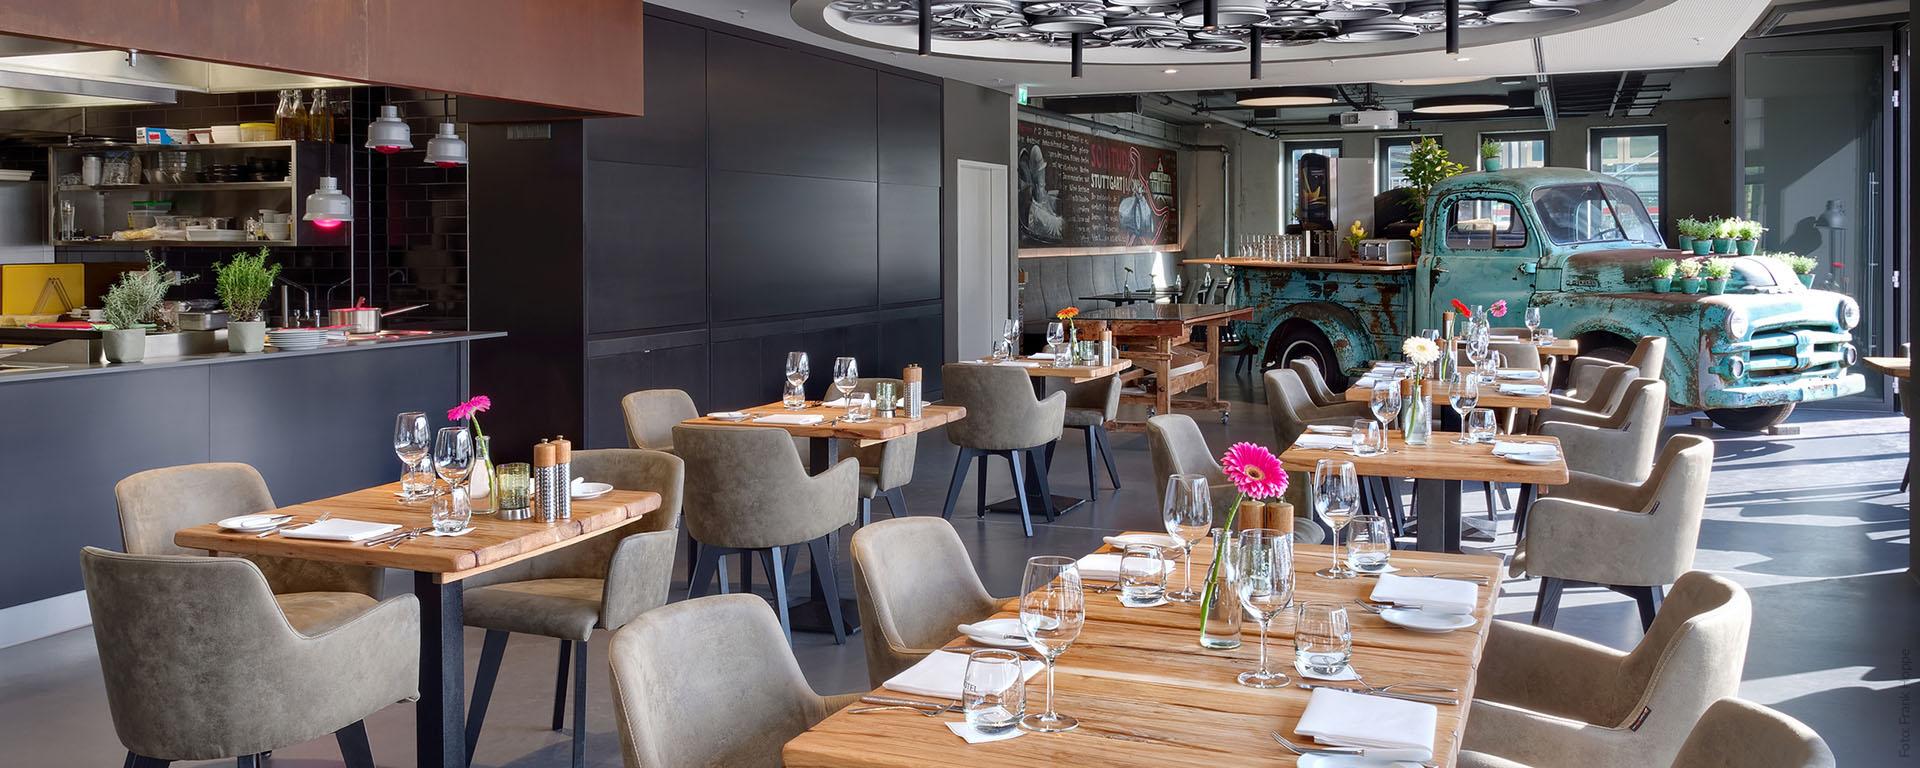 V8 HOTEL PICK-UP Restaurant Bar: Gut Essen und genießen auf dem Flugfeld in Böblingen, Region Stuttgart